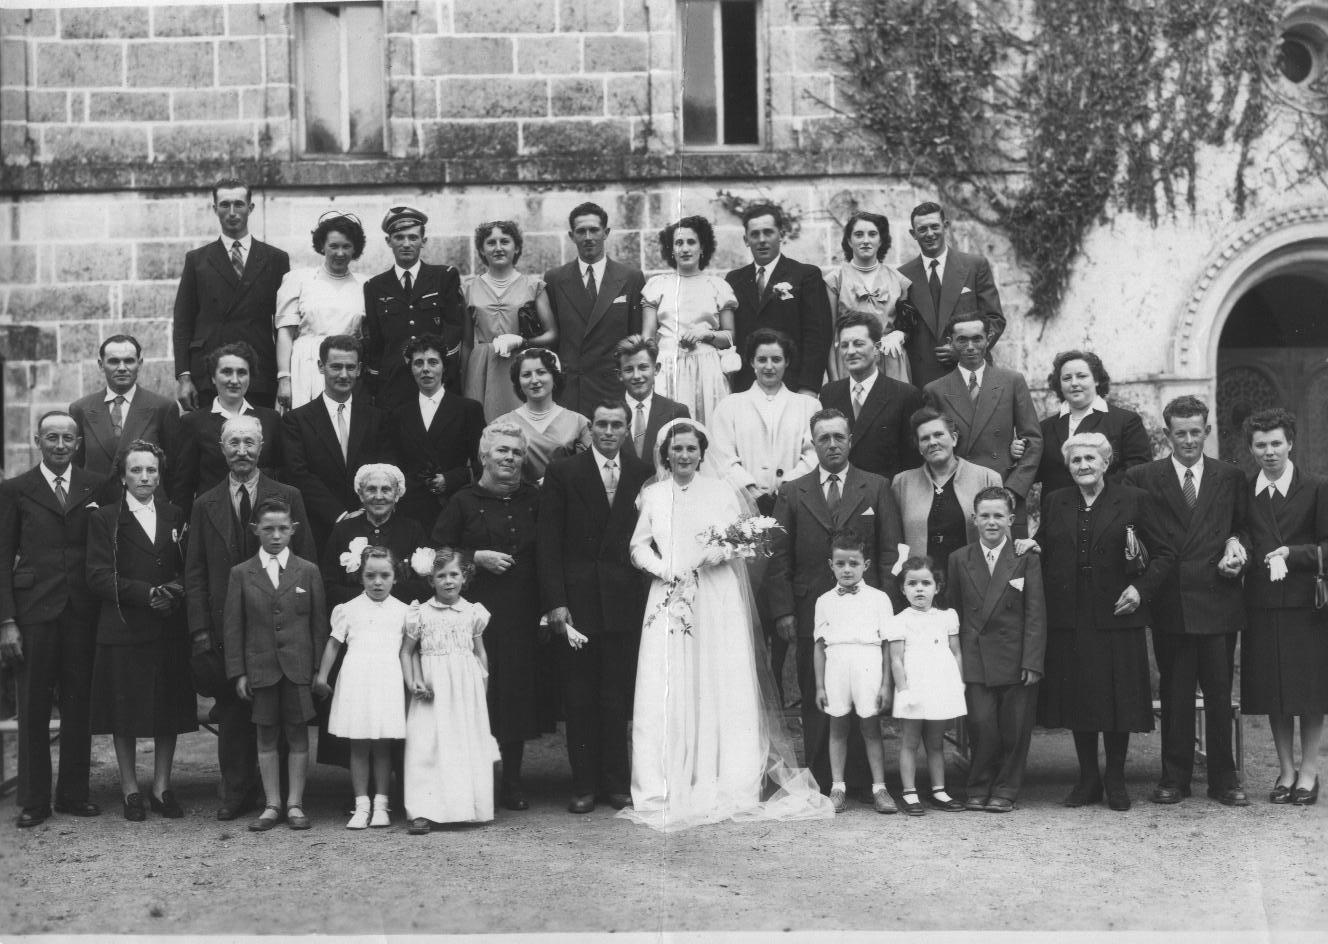 Le mariage de michel guilbert et de ghislaine